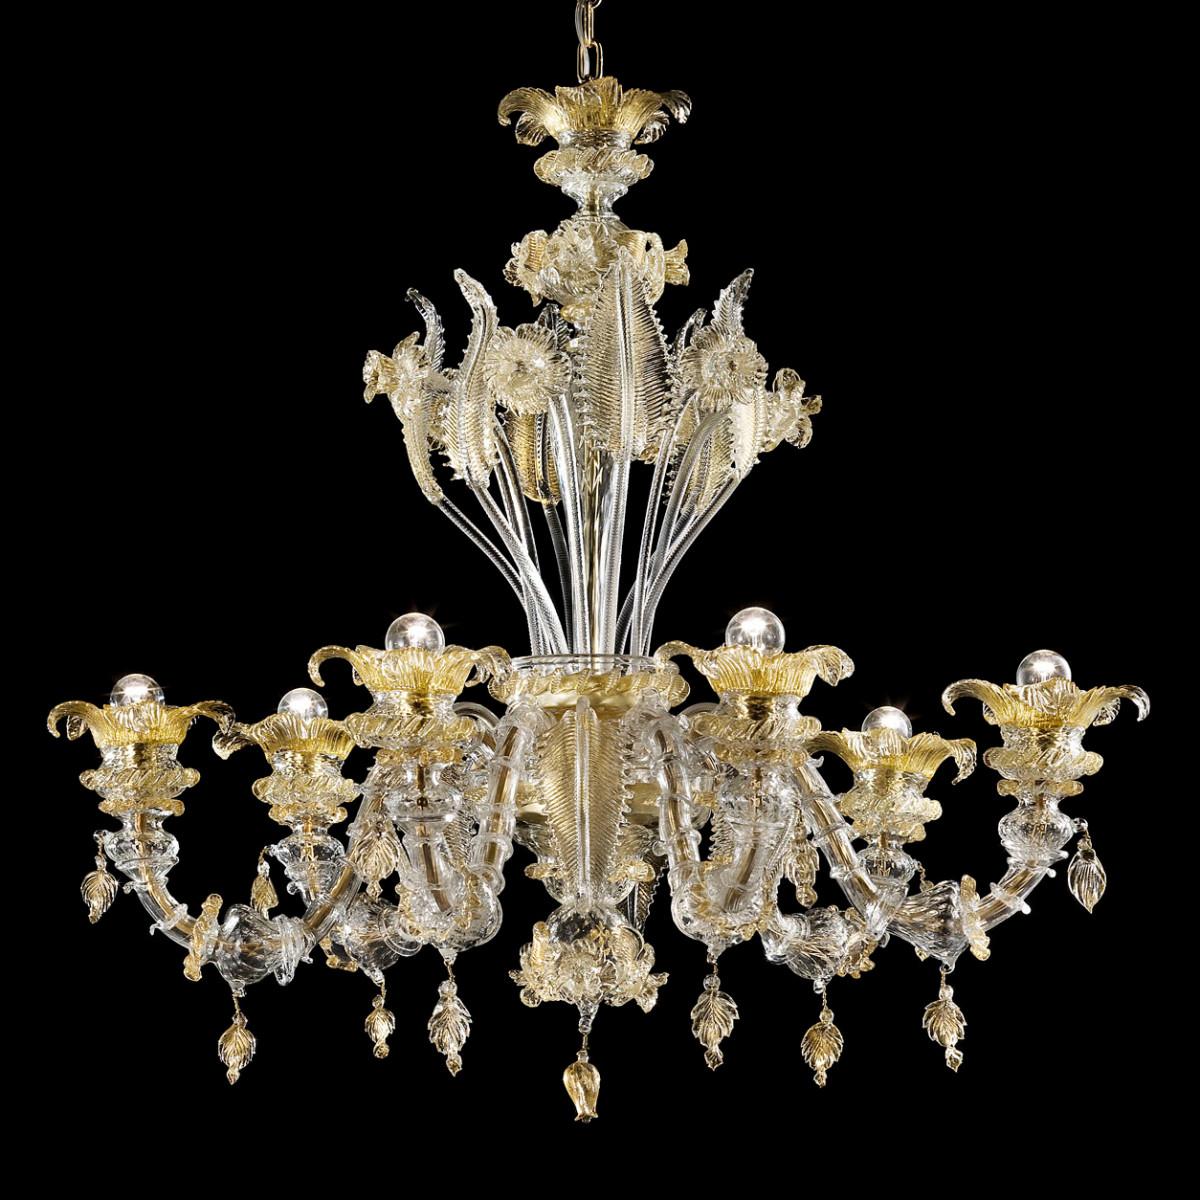 Prezioso 6 flammig Murano glas Kronleuchter - transparent gold farbe